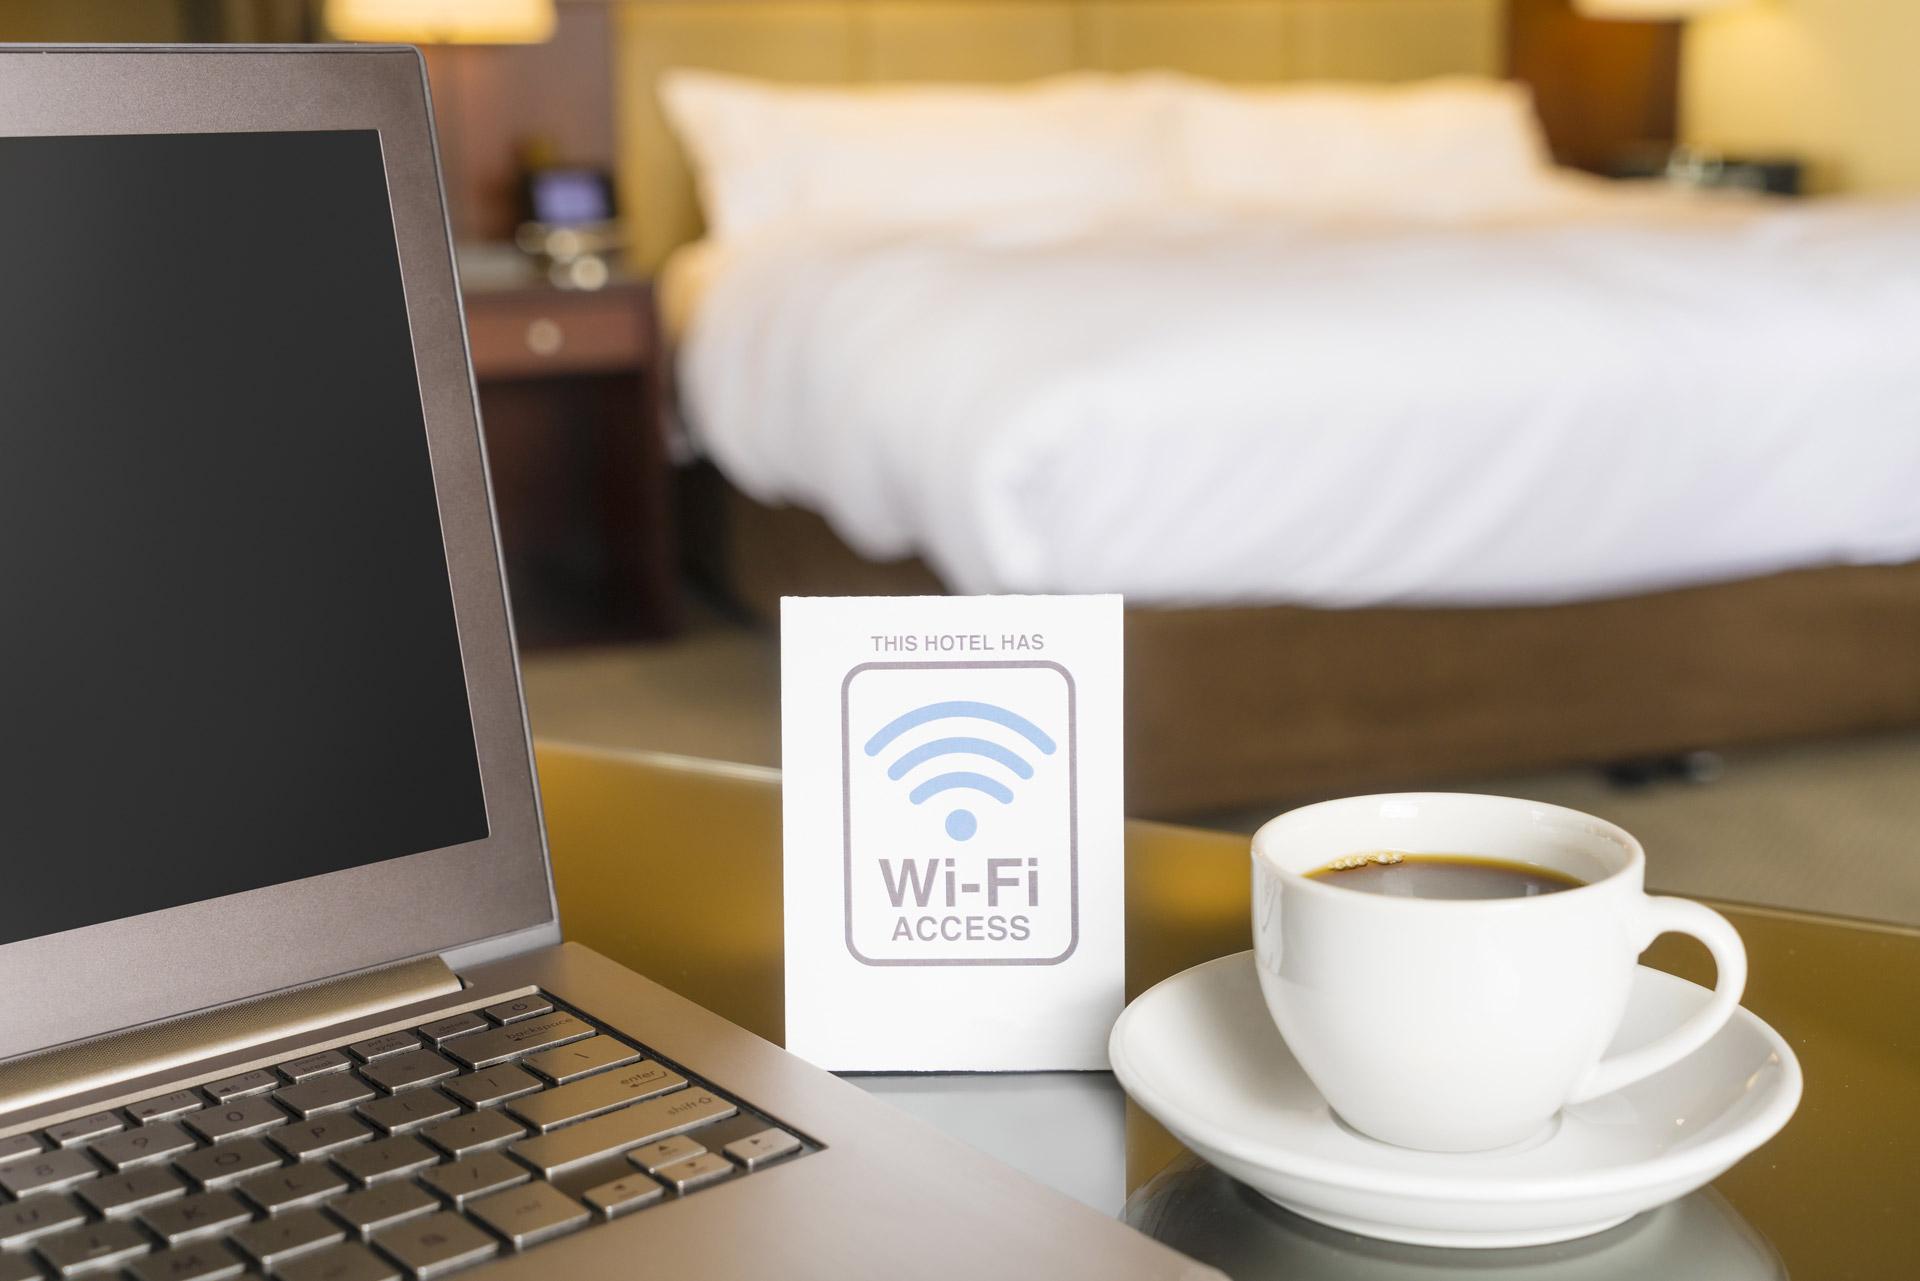 CTPM Travel Tourismus Unterkunft mit Arbeitsmöglichkeit » Ferienwohnung · Apartment · Bed & Breakfast · Langzeitvermietung · Seminarraum